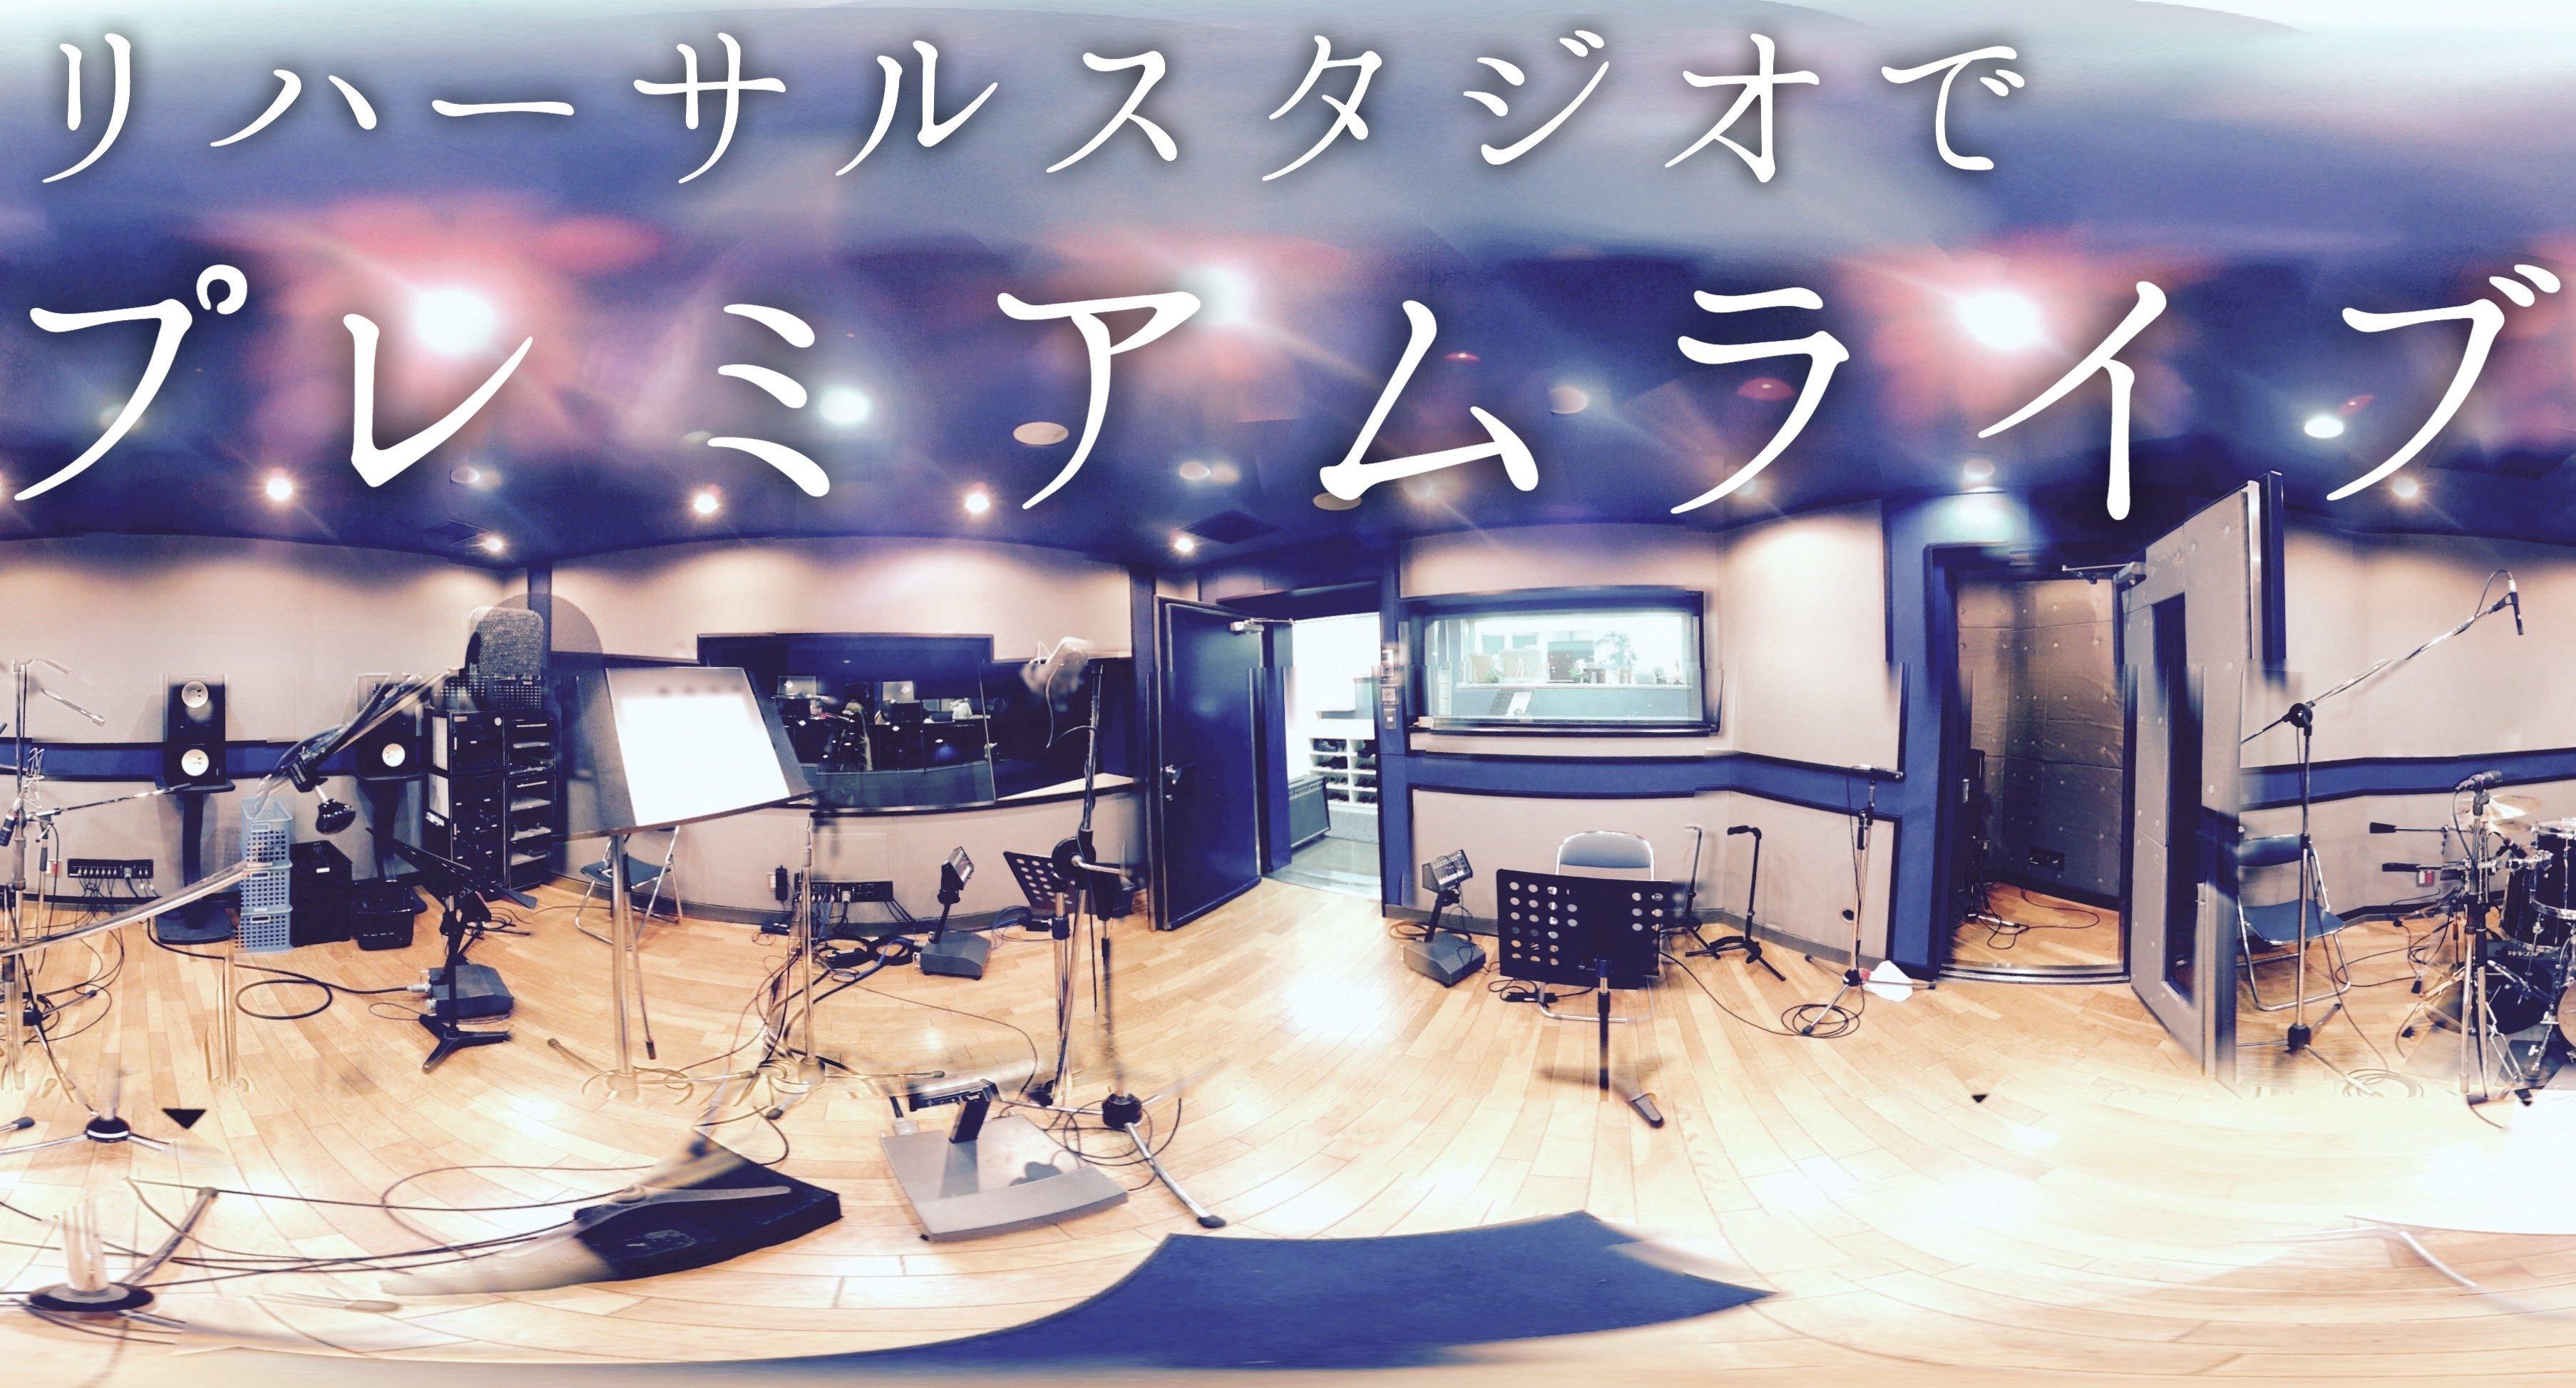 【限定スタジオライブプラン】